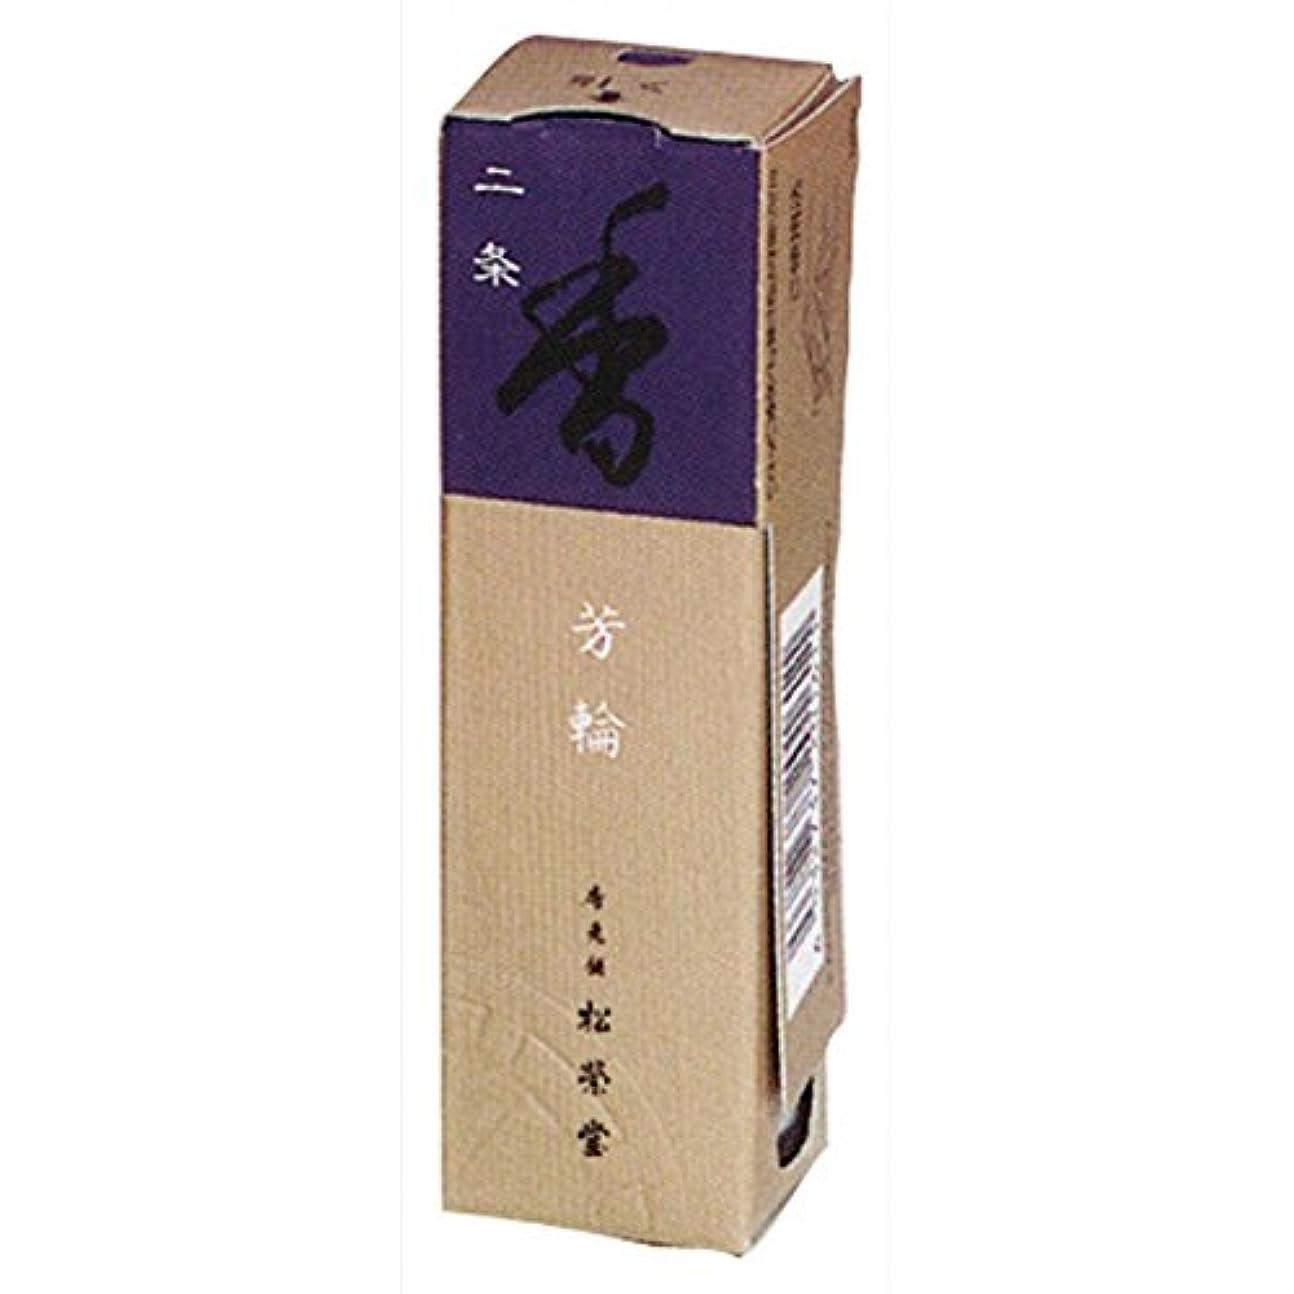 運搬武器夢松栄堂のお香 芳輪二条 ST20本入 簡易香立付 #210123